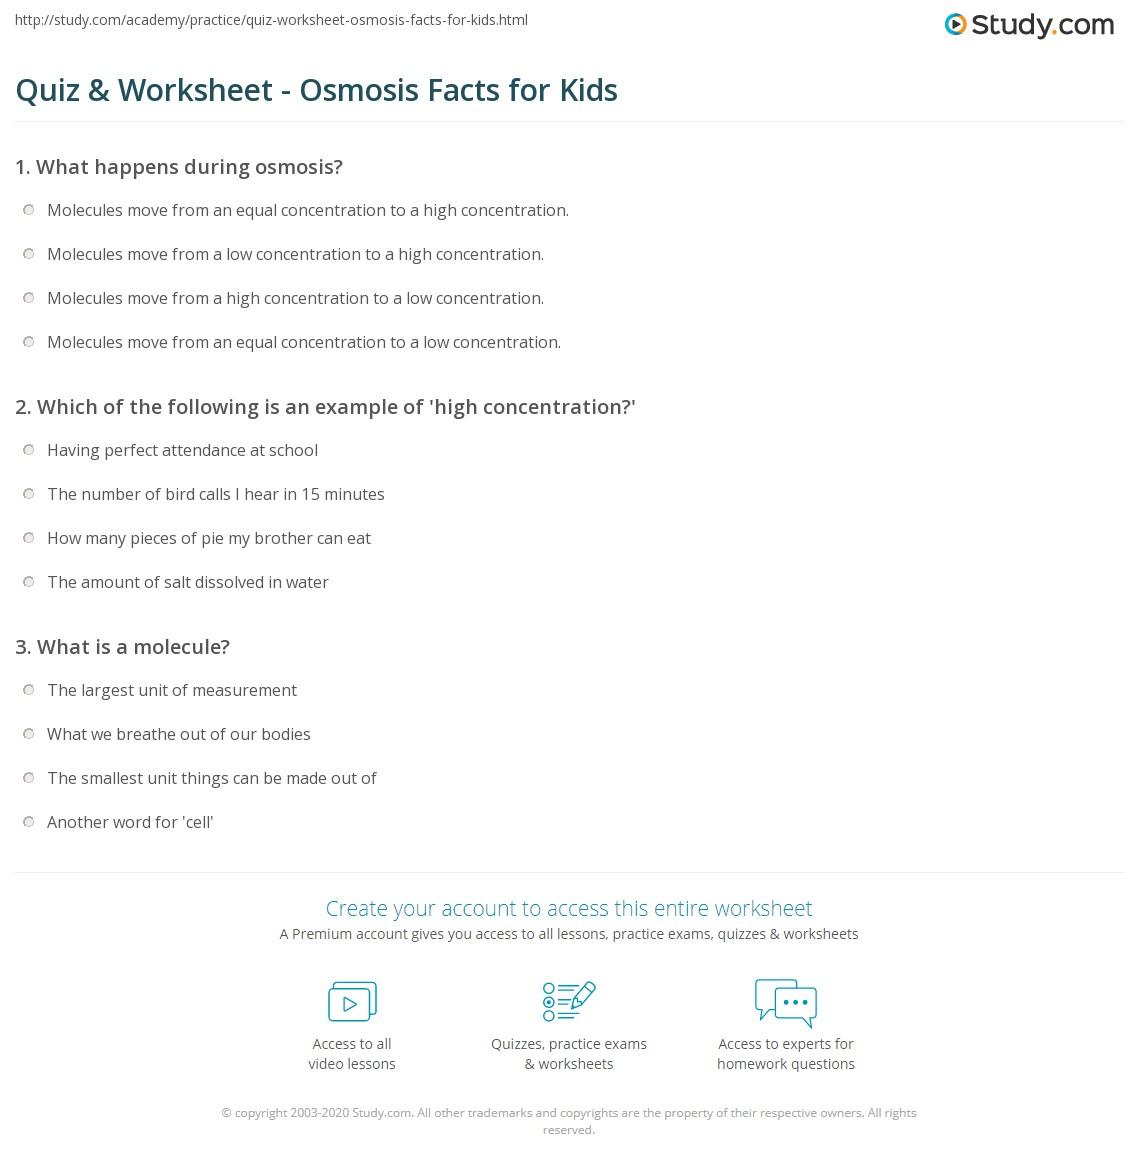 quiz worksheet osmosis facts for kids. Black Bedroom Furniture Sets. Home Design Ideas